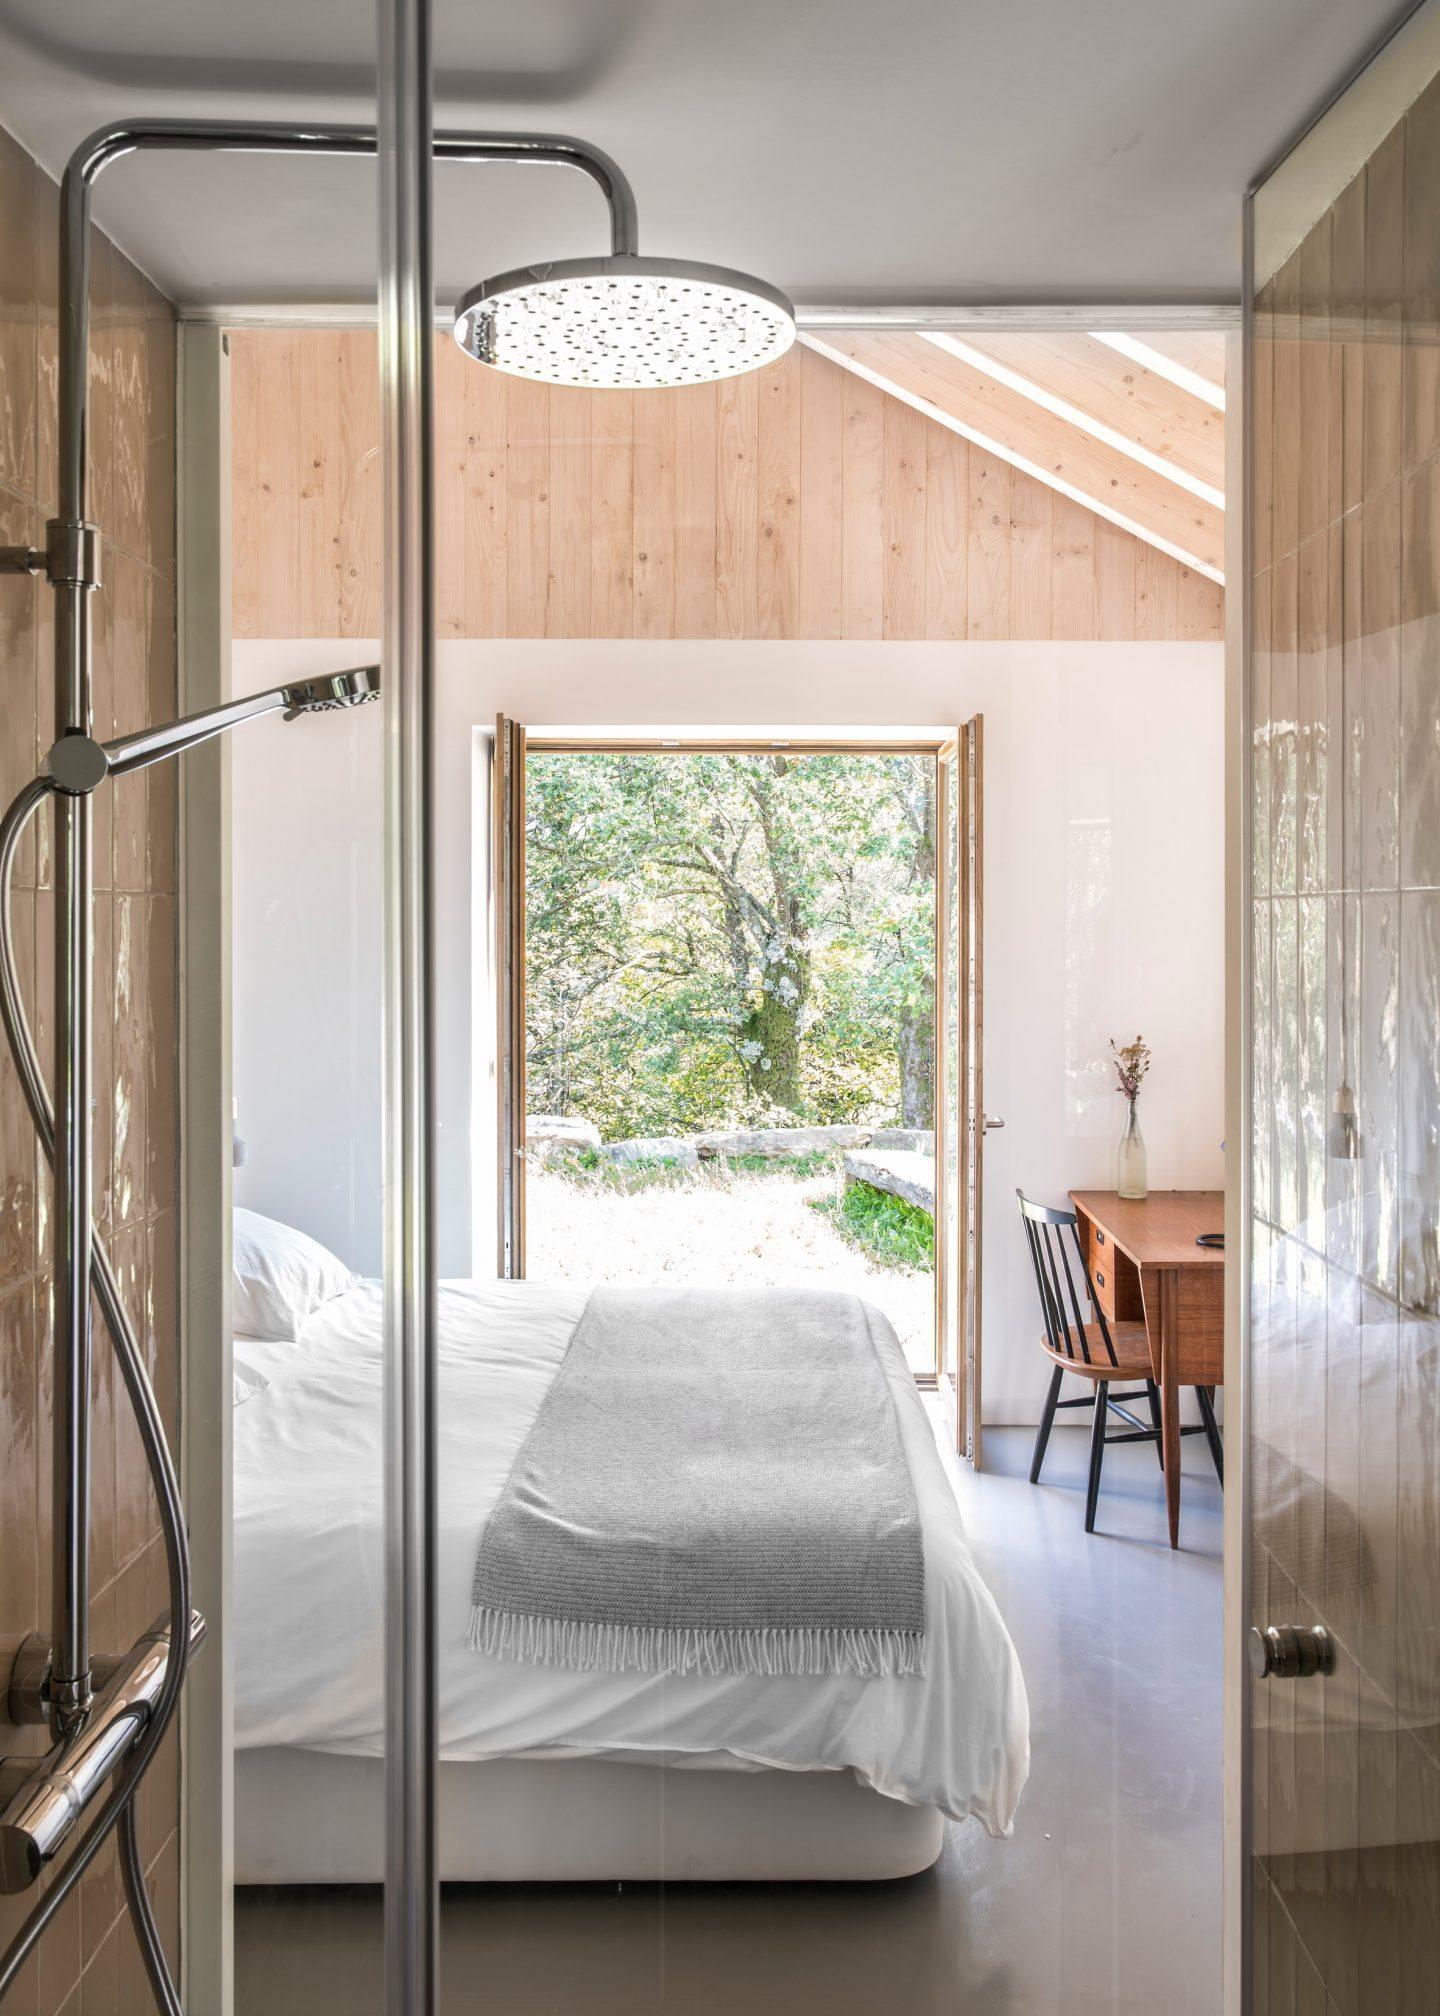 IGNANT-Architecture-Laura-Alvarez-Villa-Slow-20